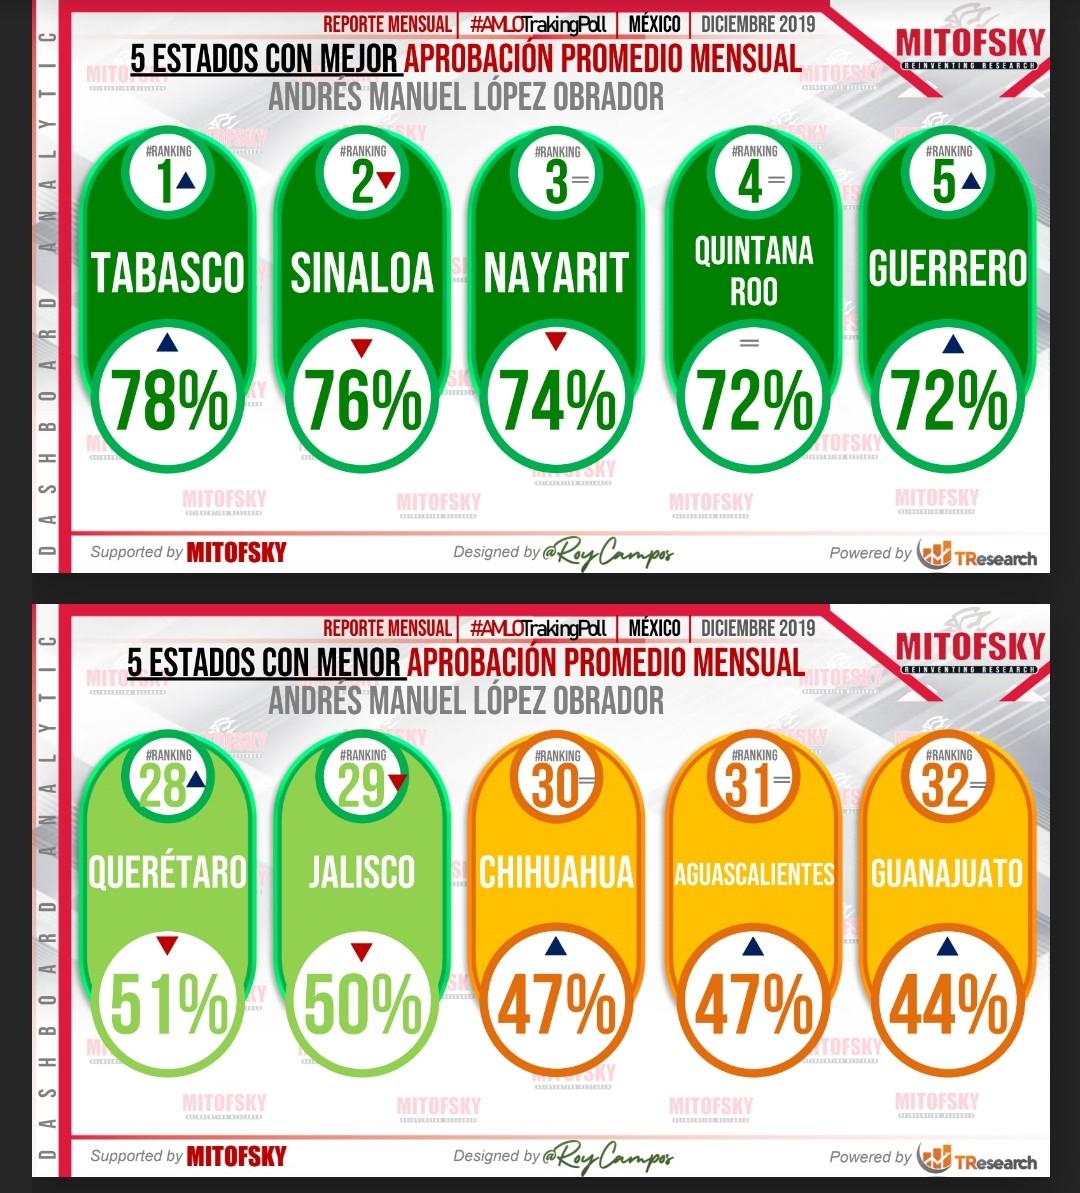 AMLO no alcanza el 50% de aprobación en Aguascalientes: Mitofsky